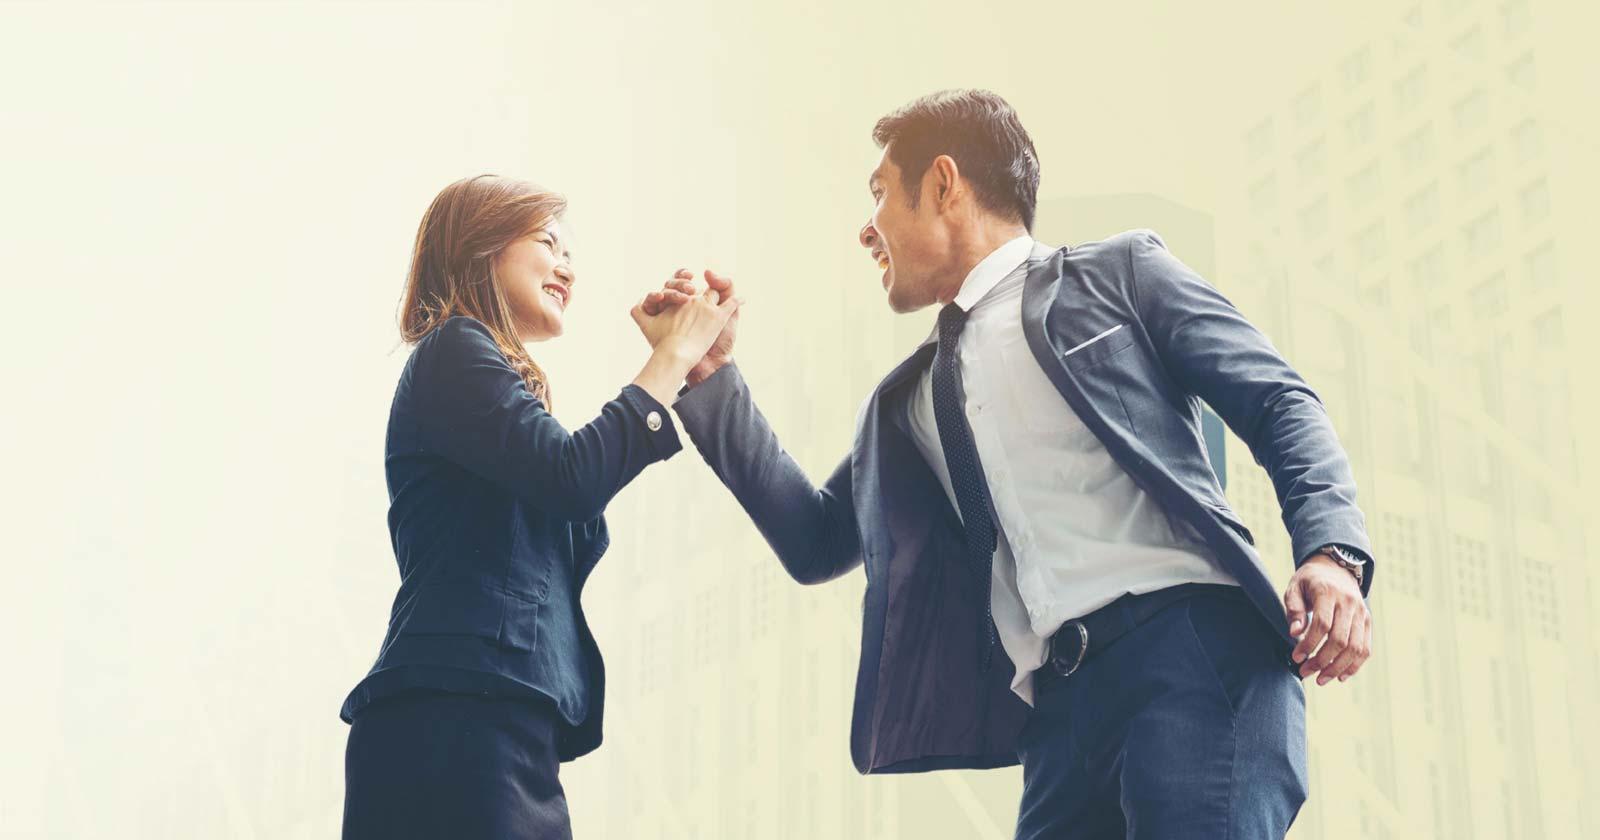 Blog ¡Así es como puedes ser Mega exitoso vendiendo seguros de salud y vida!